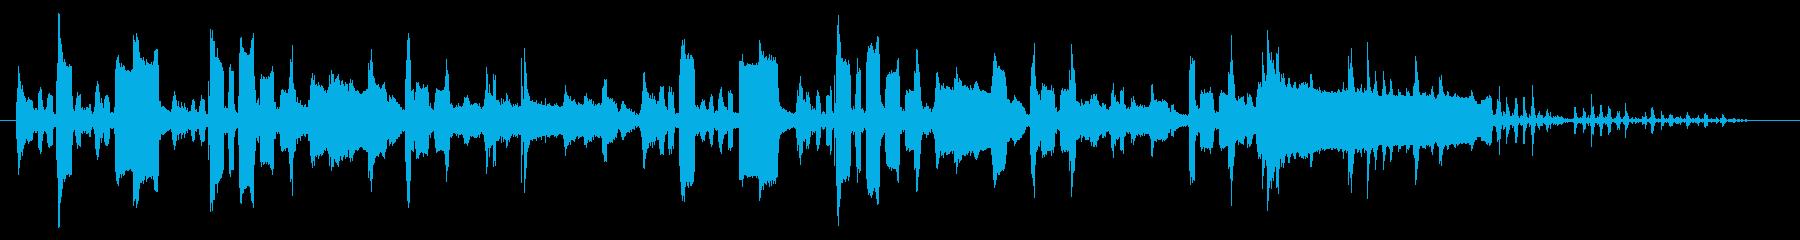 ほのぼのとした下手なオカリナの再生済みの波形